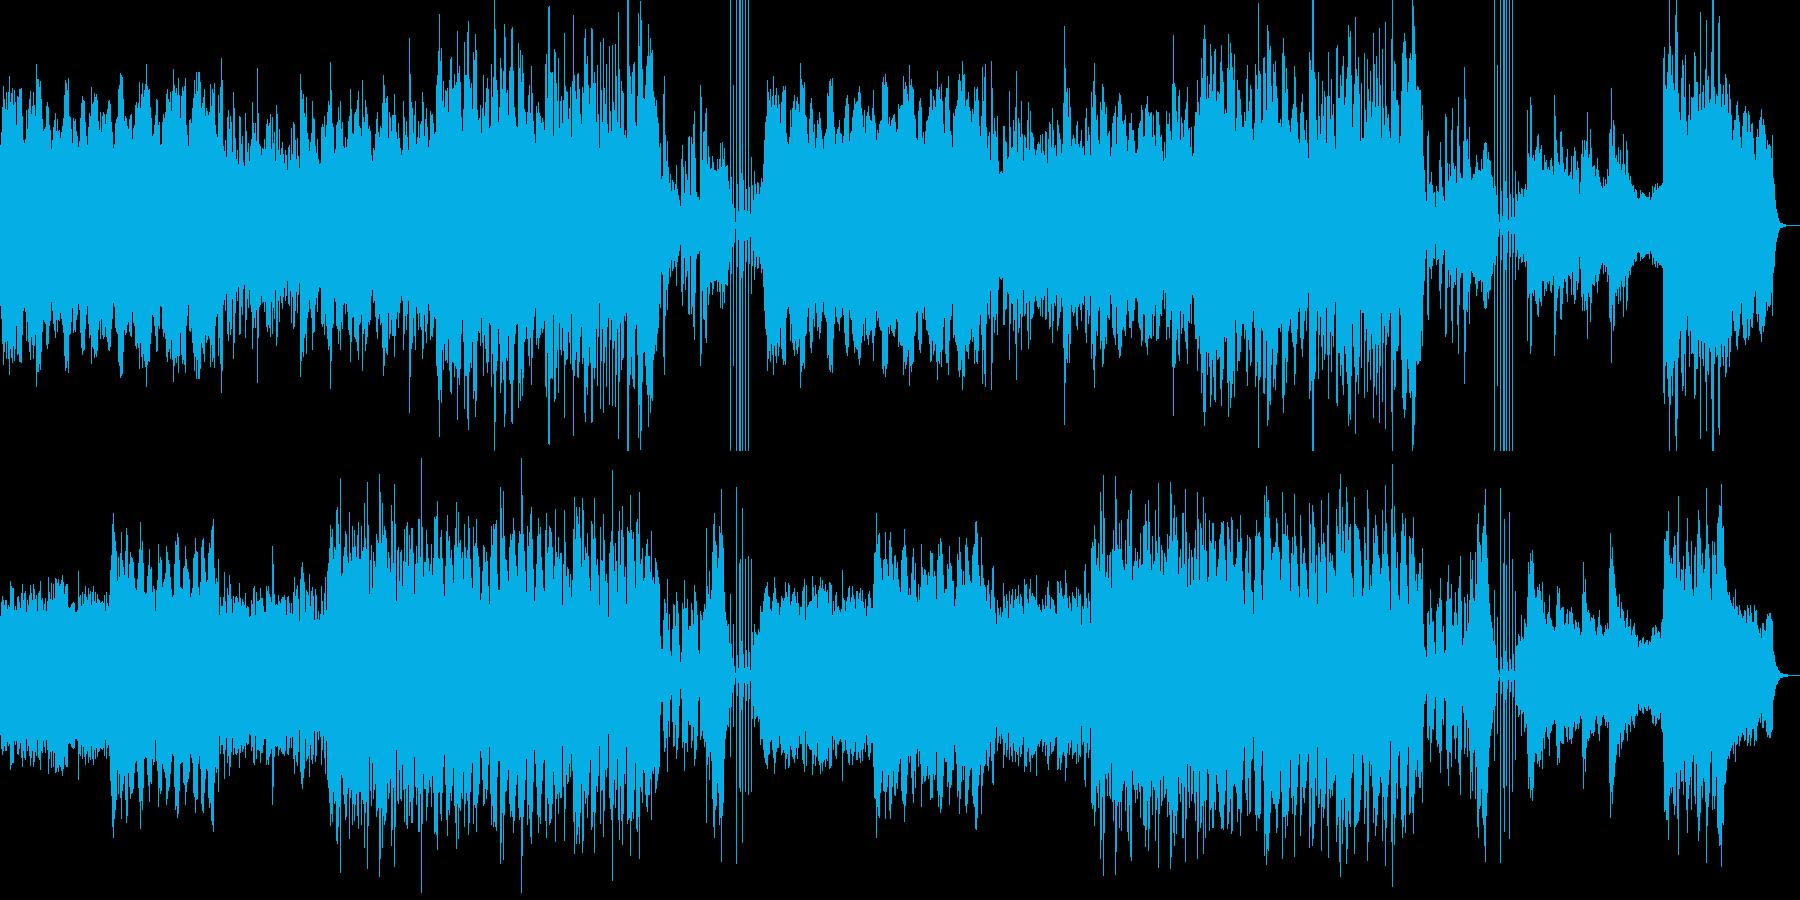 迷路を彷徨ったような不安なBGMの再生済みの波形